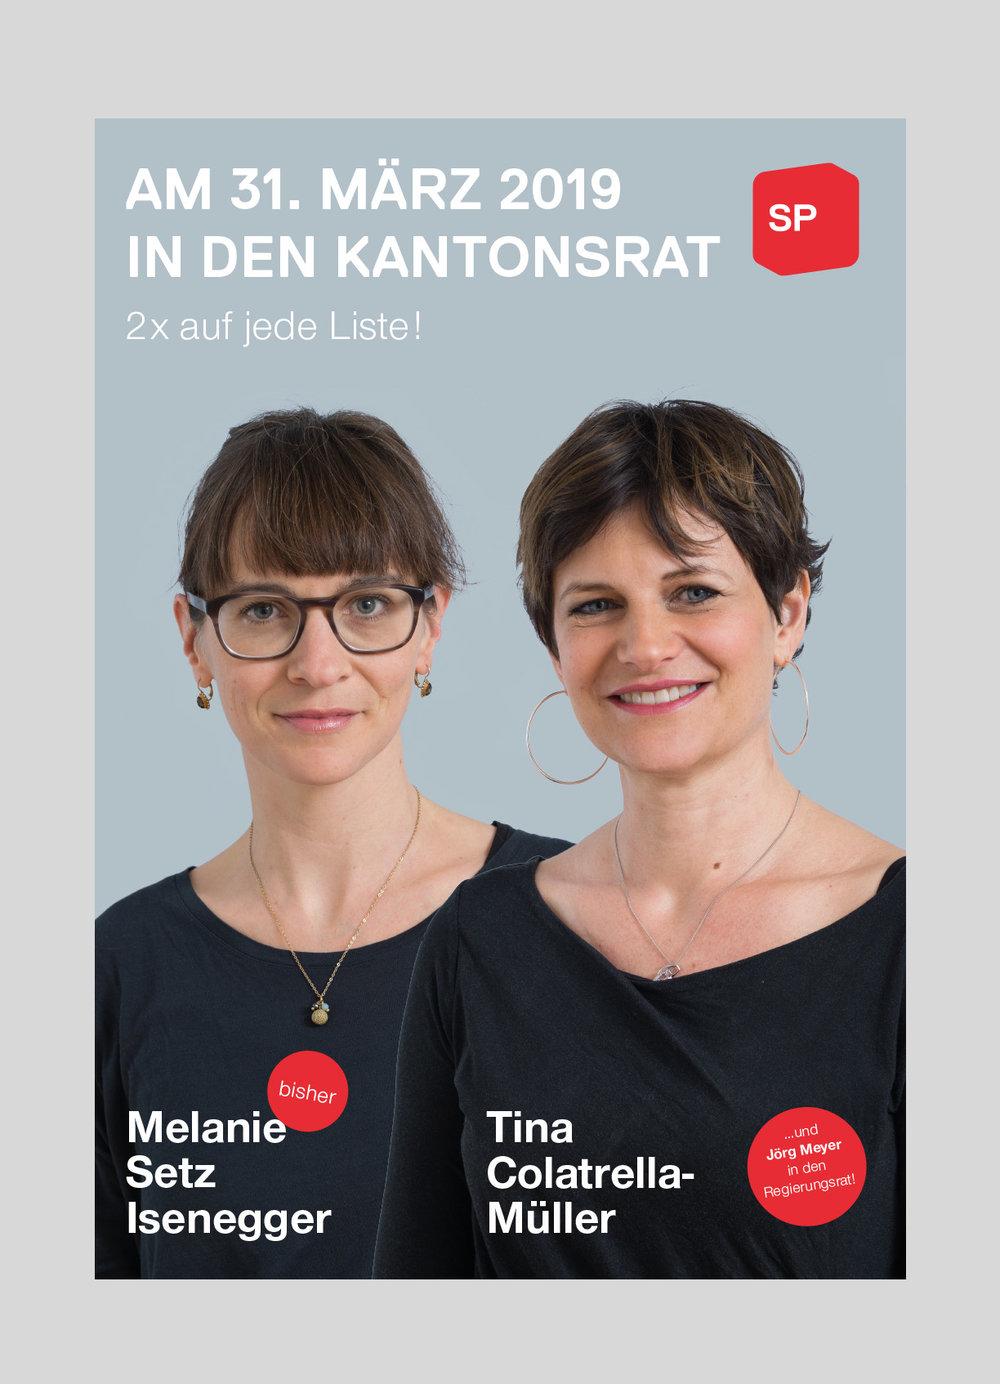 SP Kanton Luzern – Kantonsratwahlen   2019  Kampagne für die Kantonsratswahlen der Sozialdemokratische Partei im Kanton Luzern.